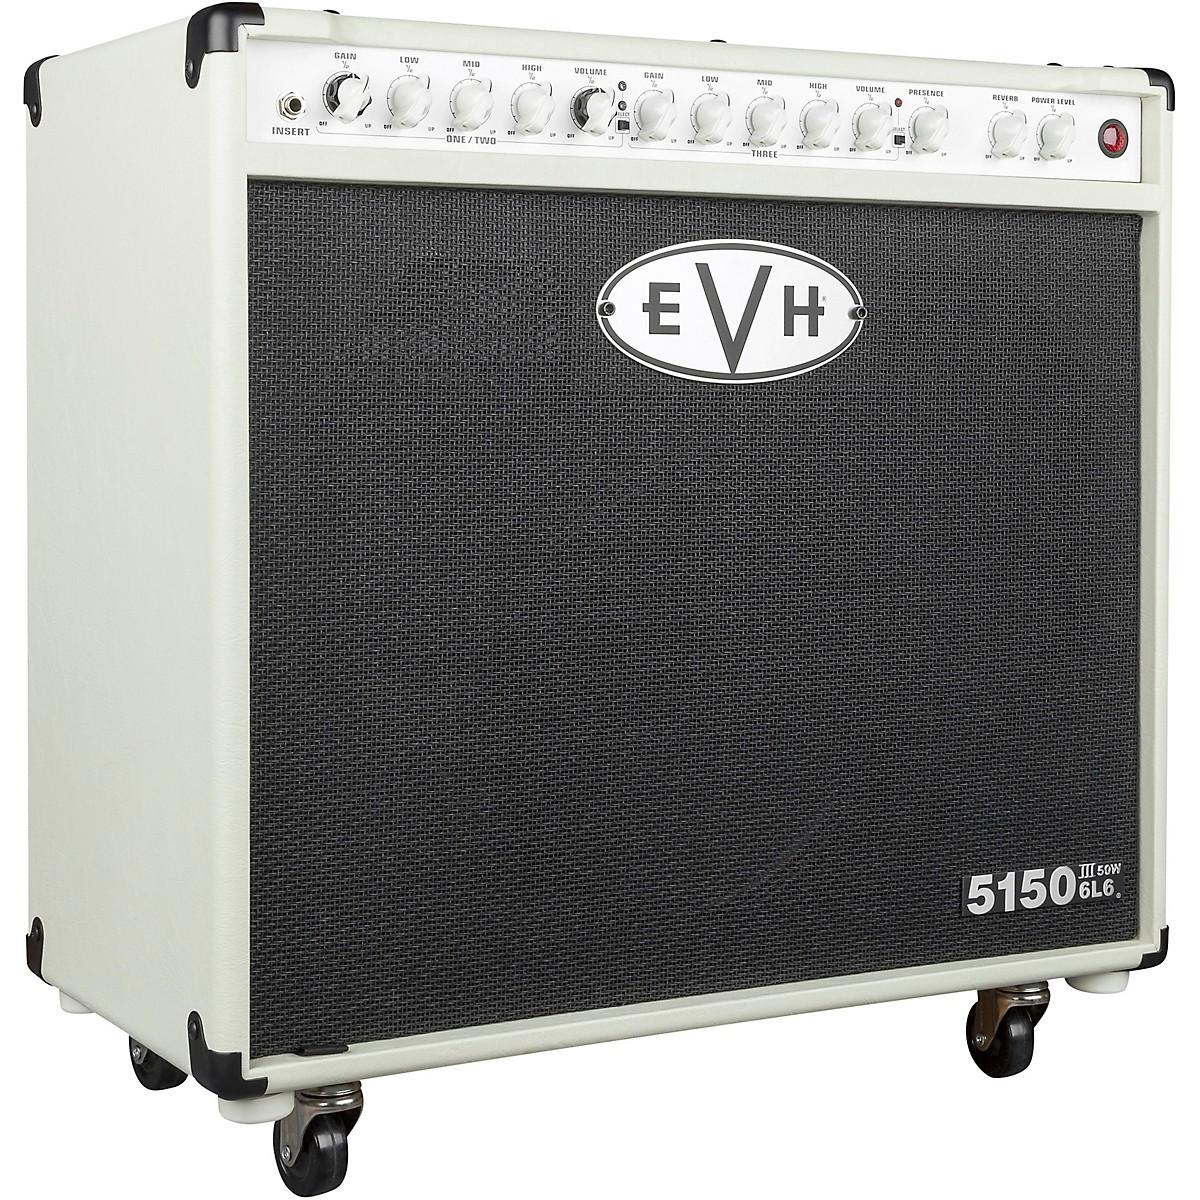 EVH 5150III 50W 1x12 6L6 Tube Guitar Combo Amp